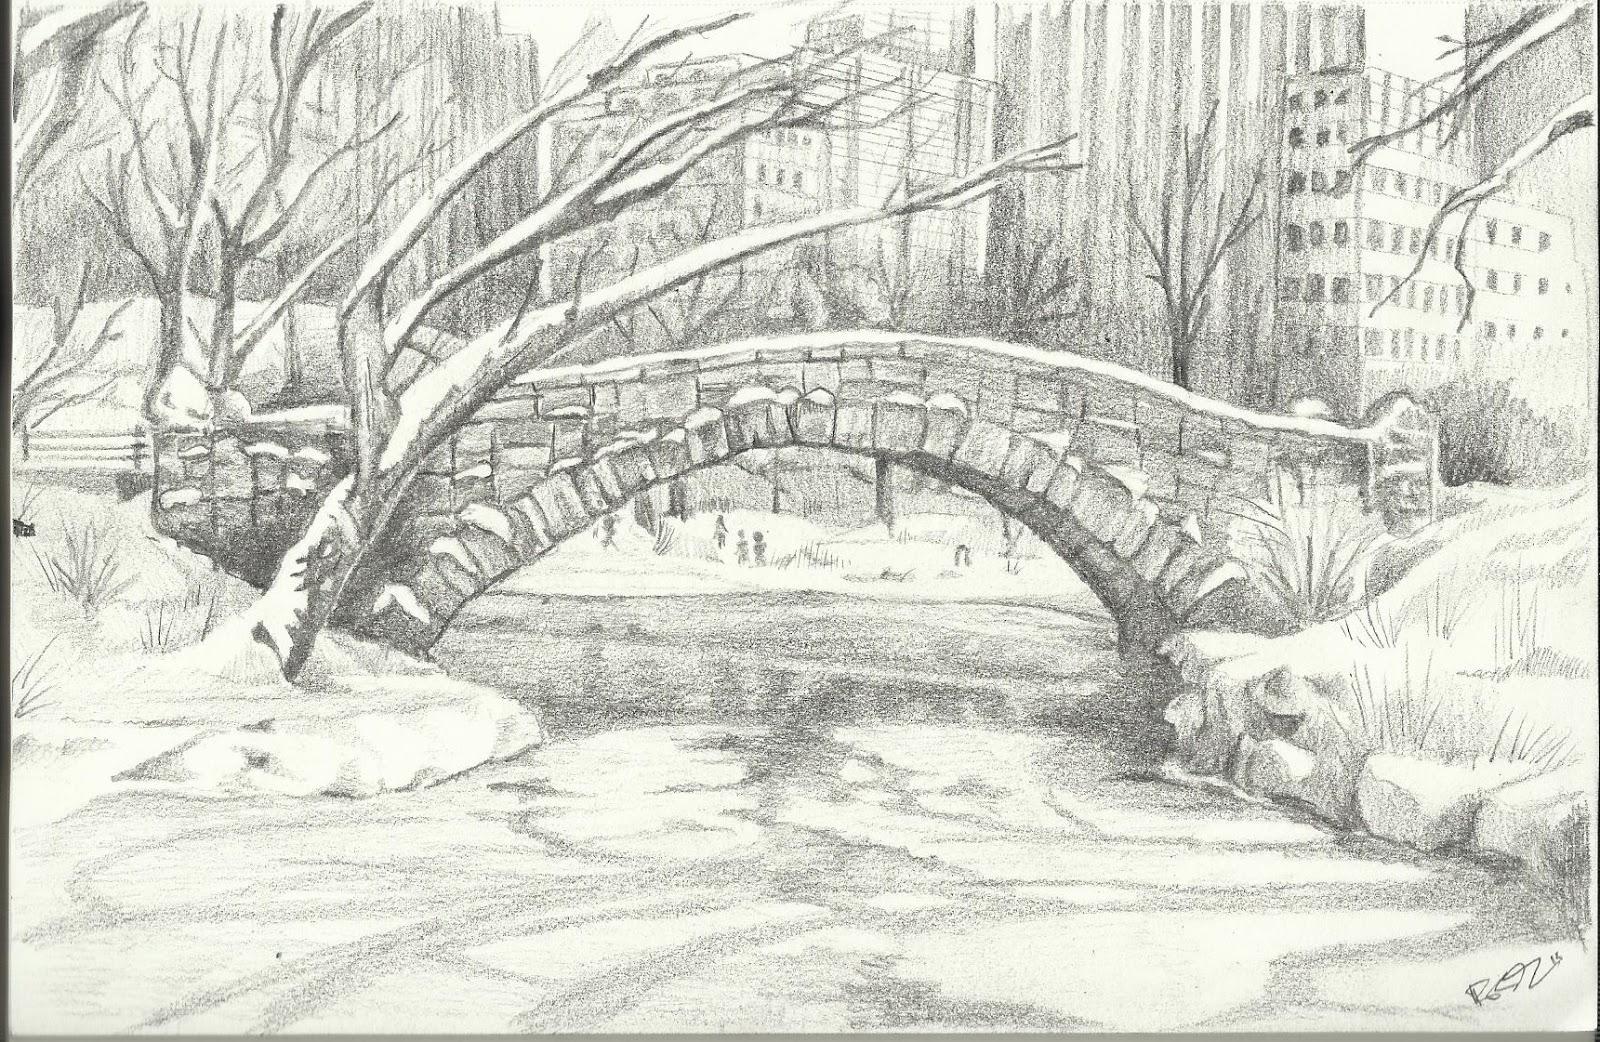 Central park bridge study